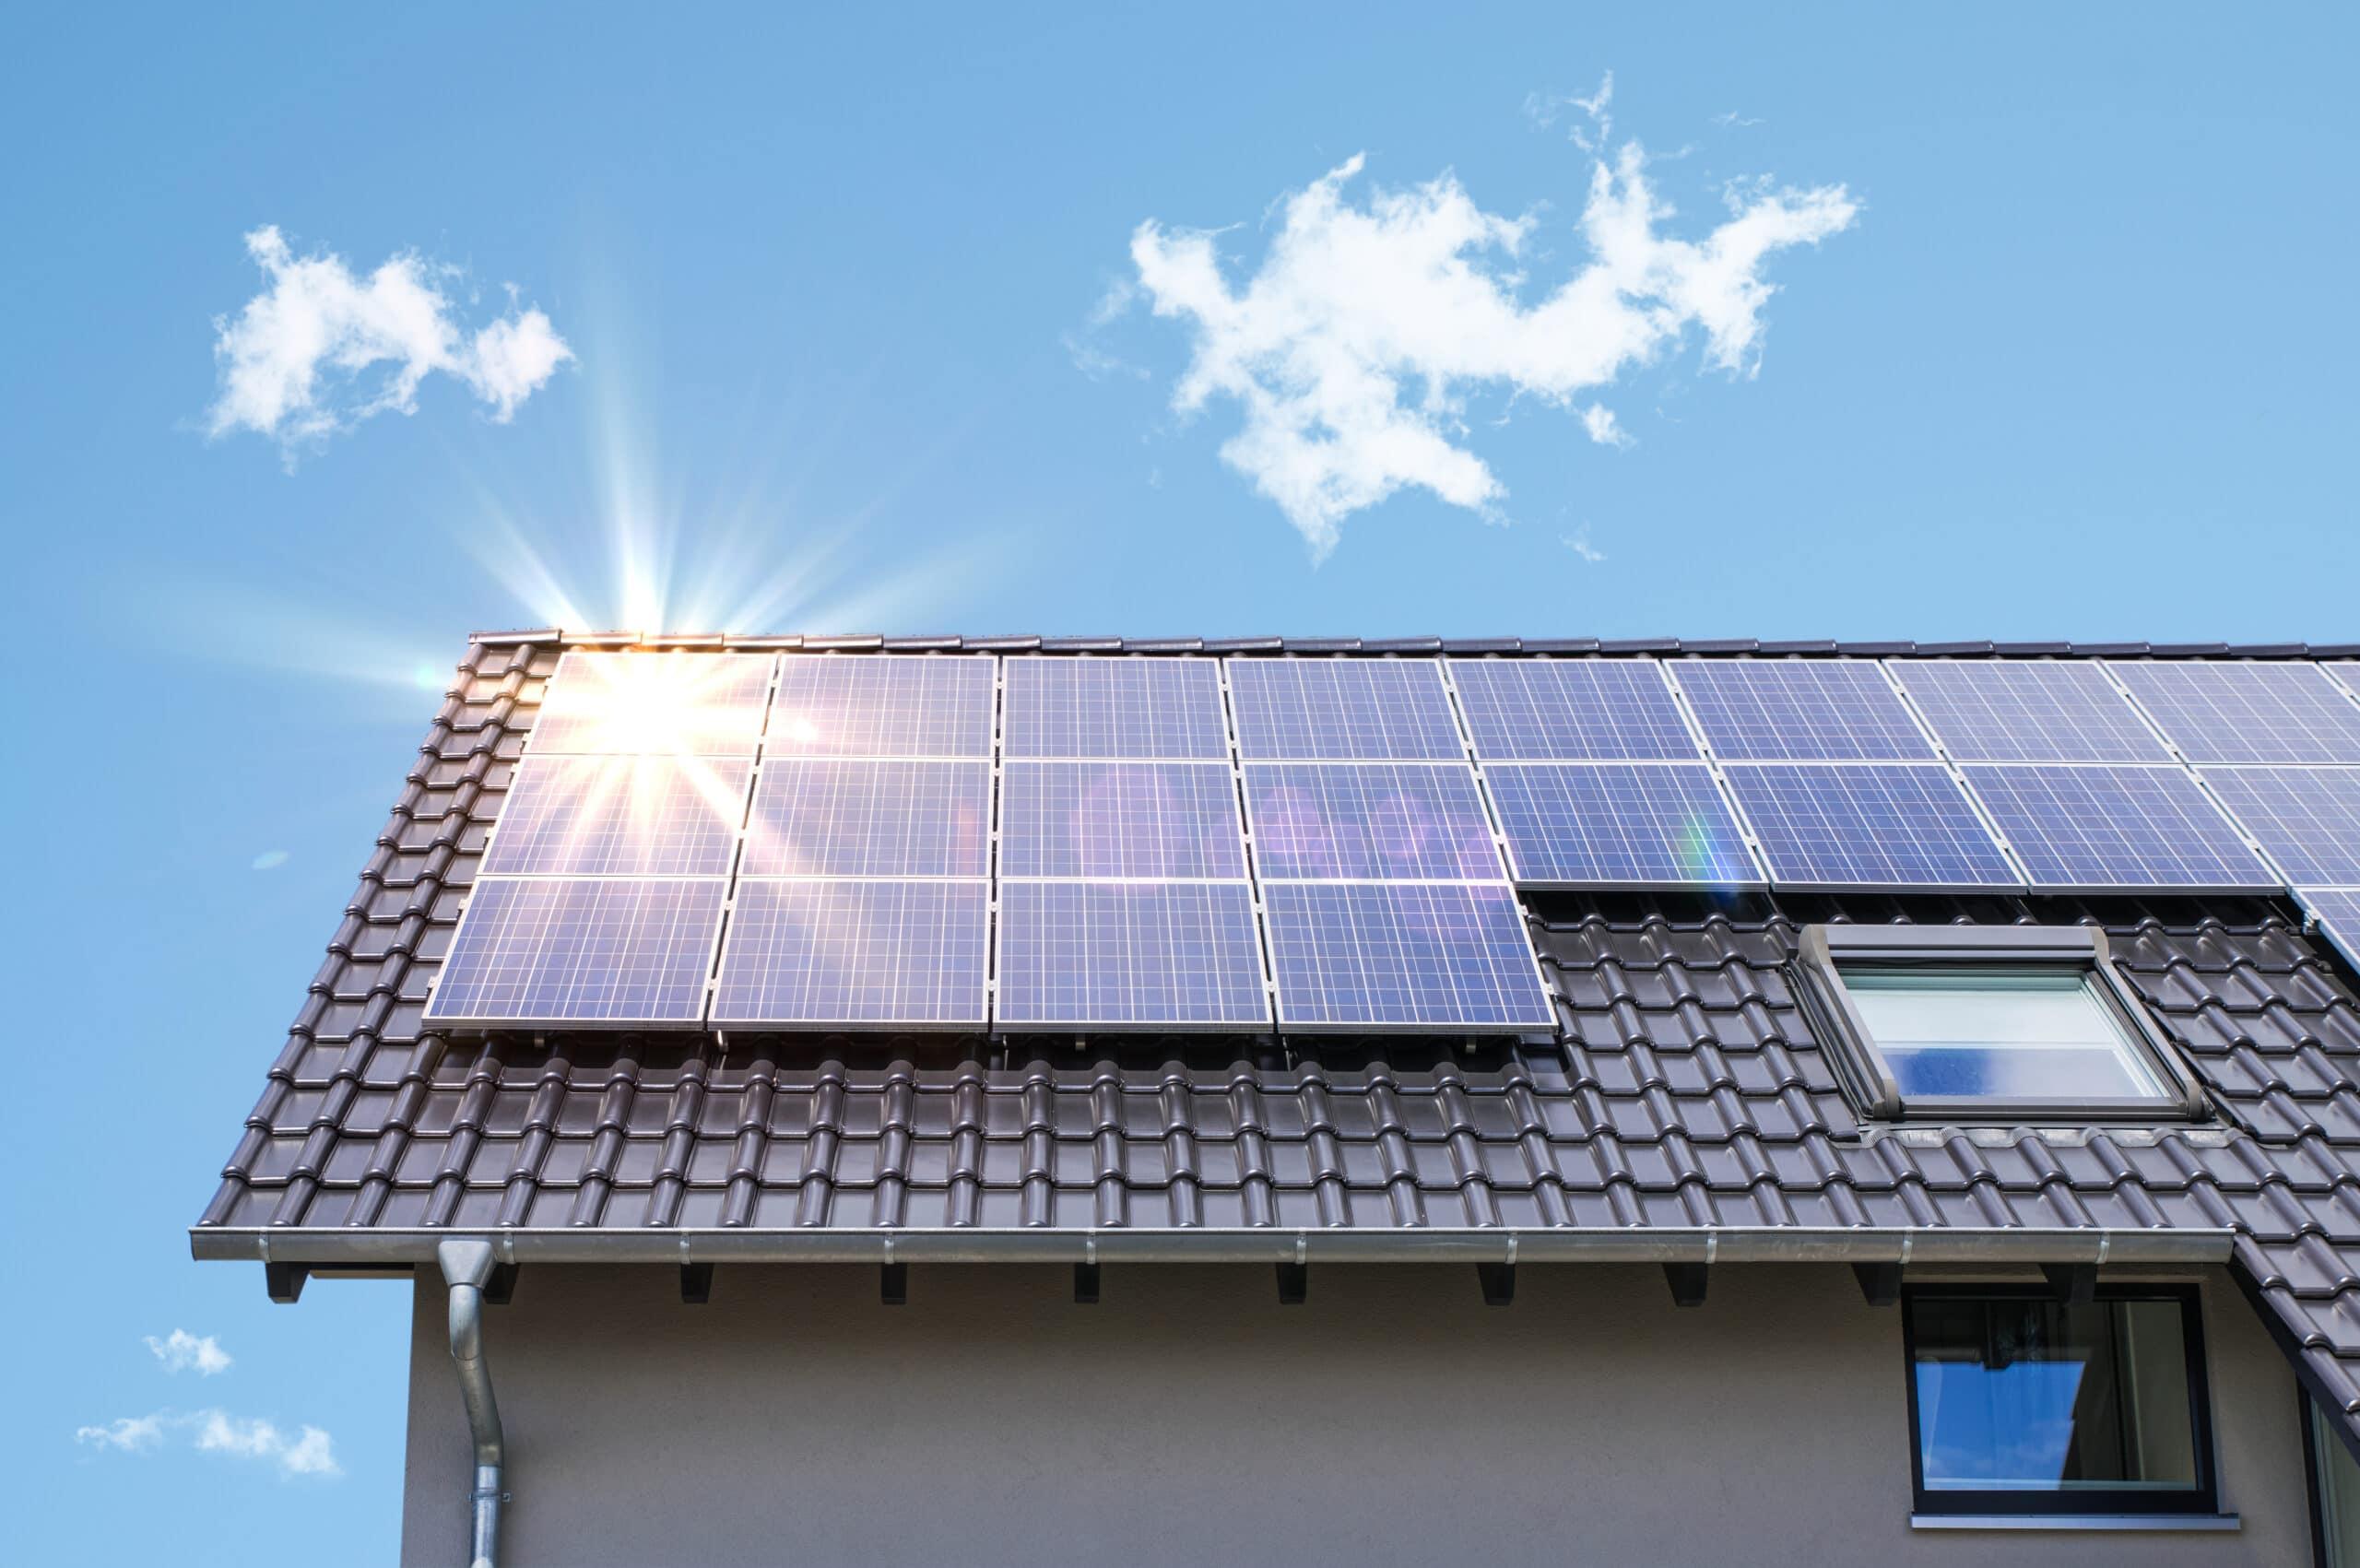 Brennstoffzellenheizung - kombinierbar mit Photovoltaikanlage